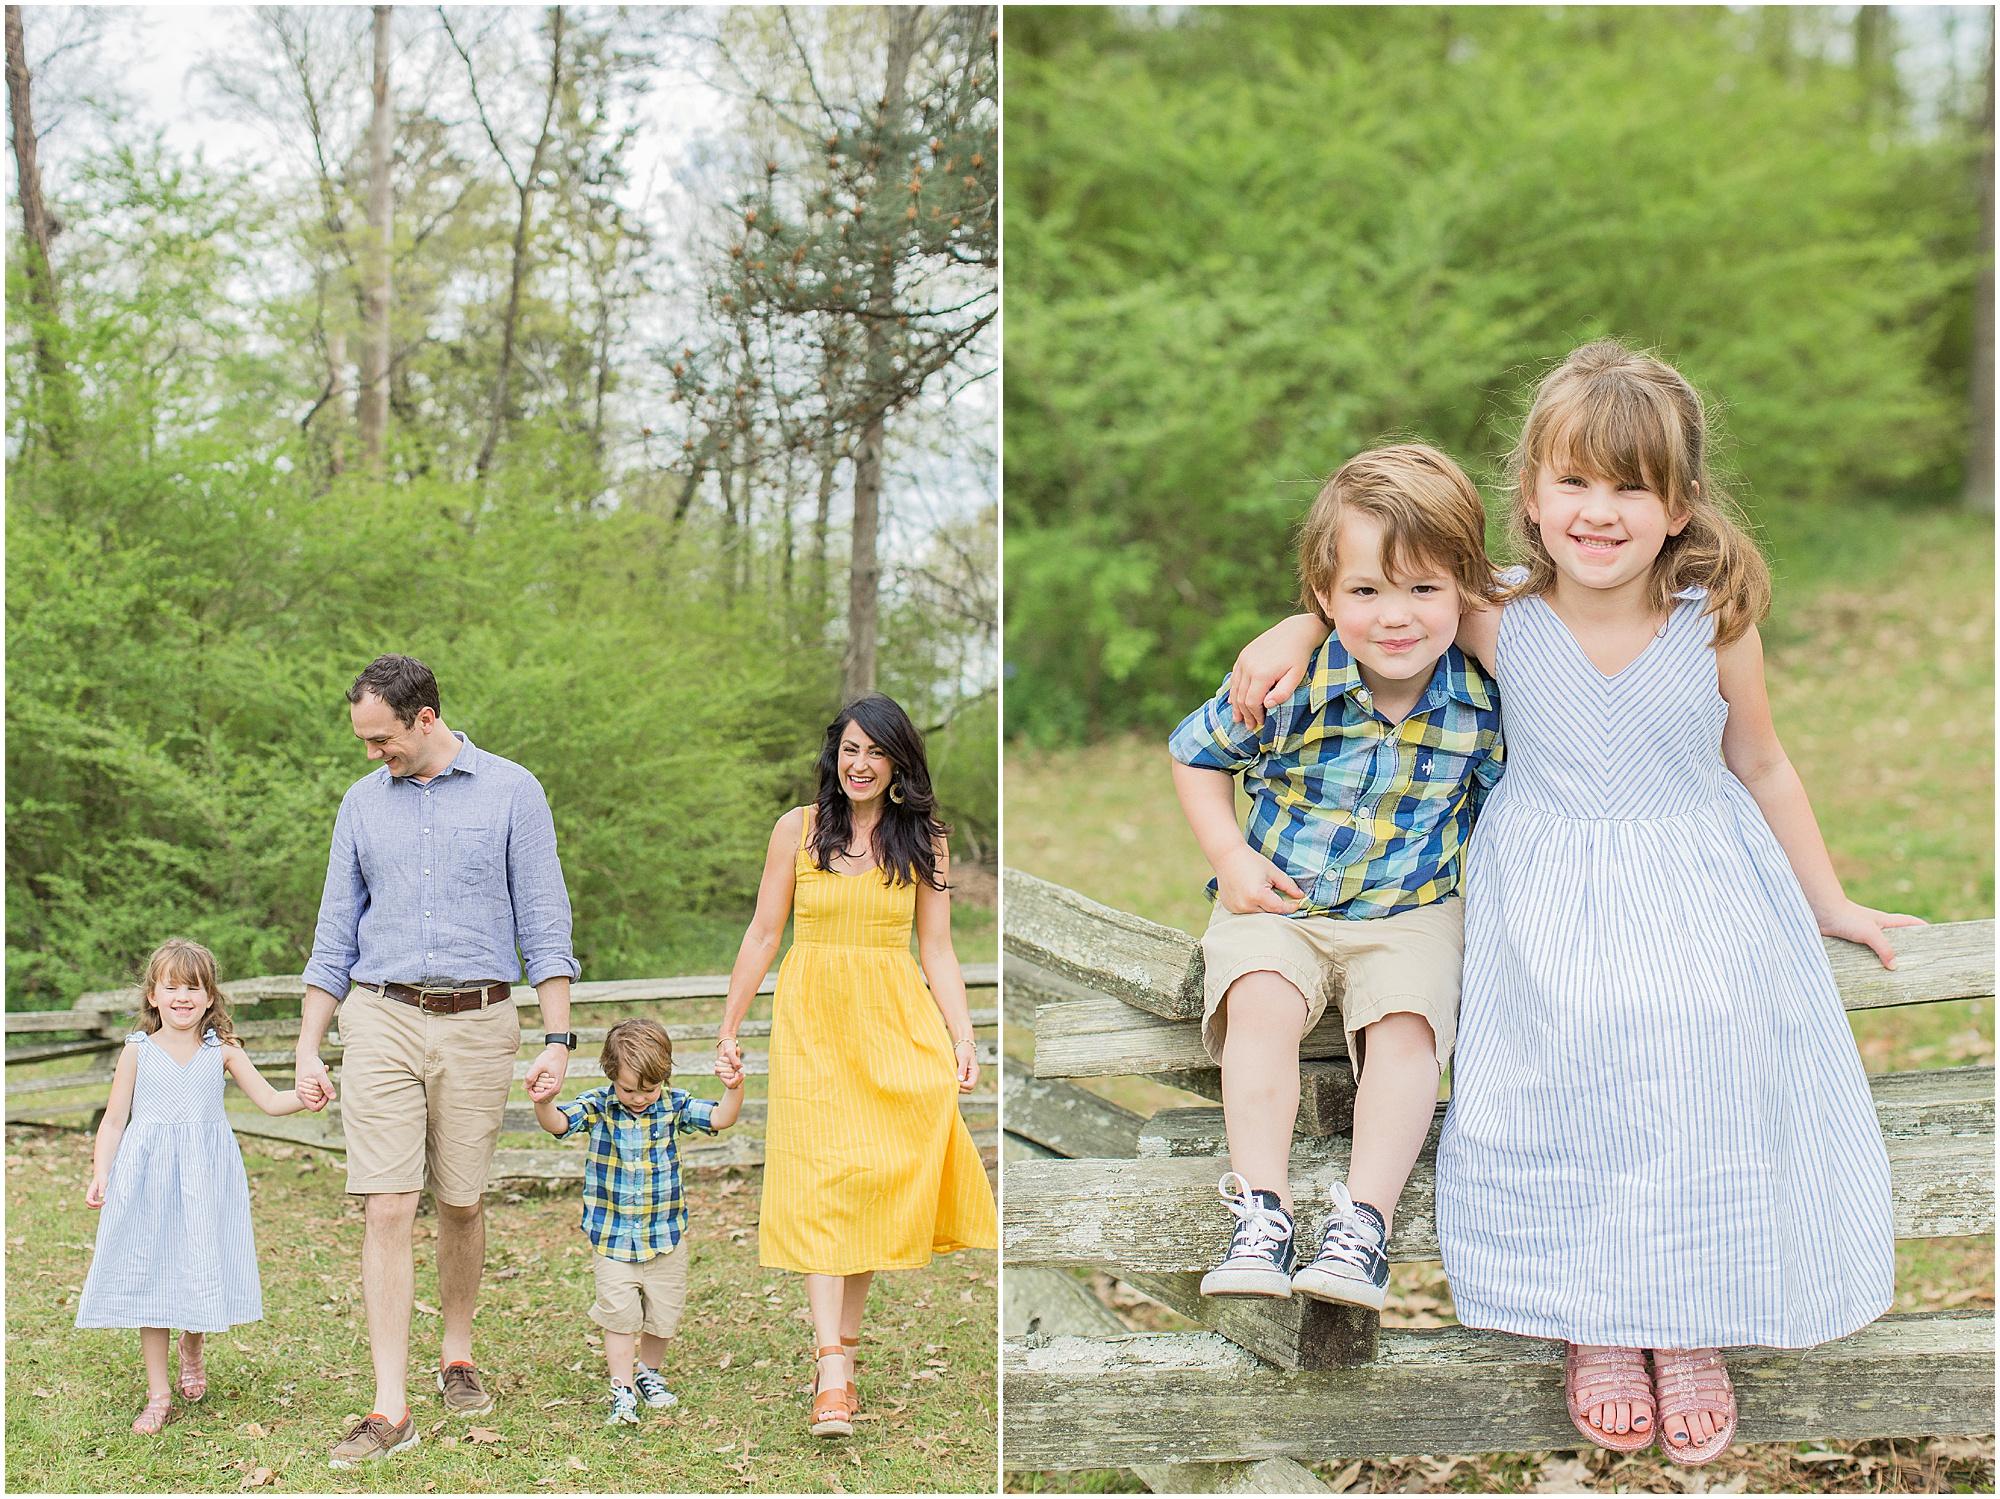 spring-mini-sessions-mississippi-family-photographer_0017.jpg